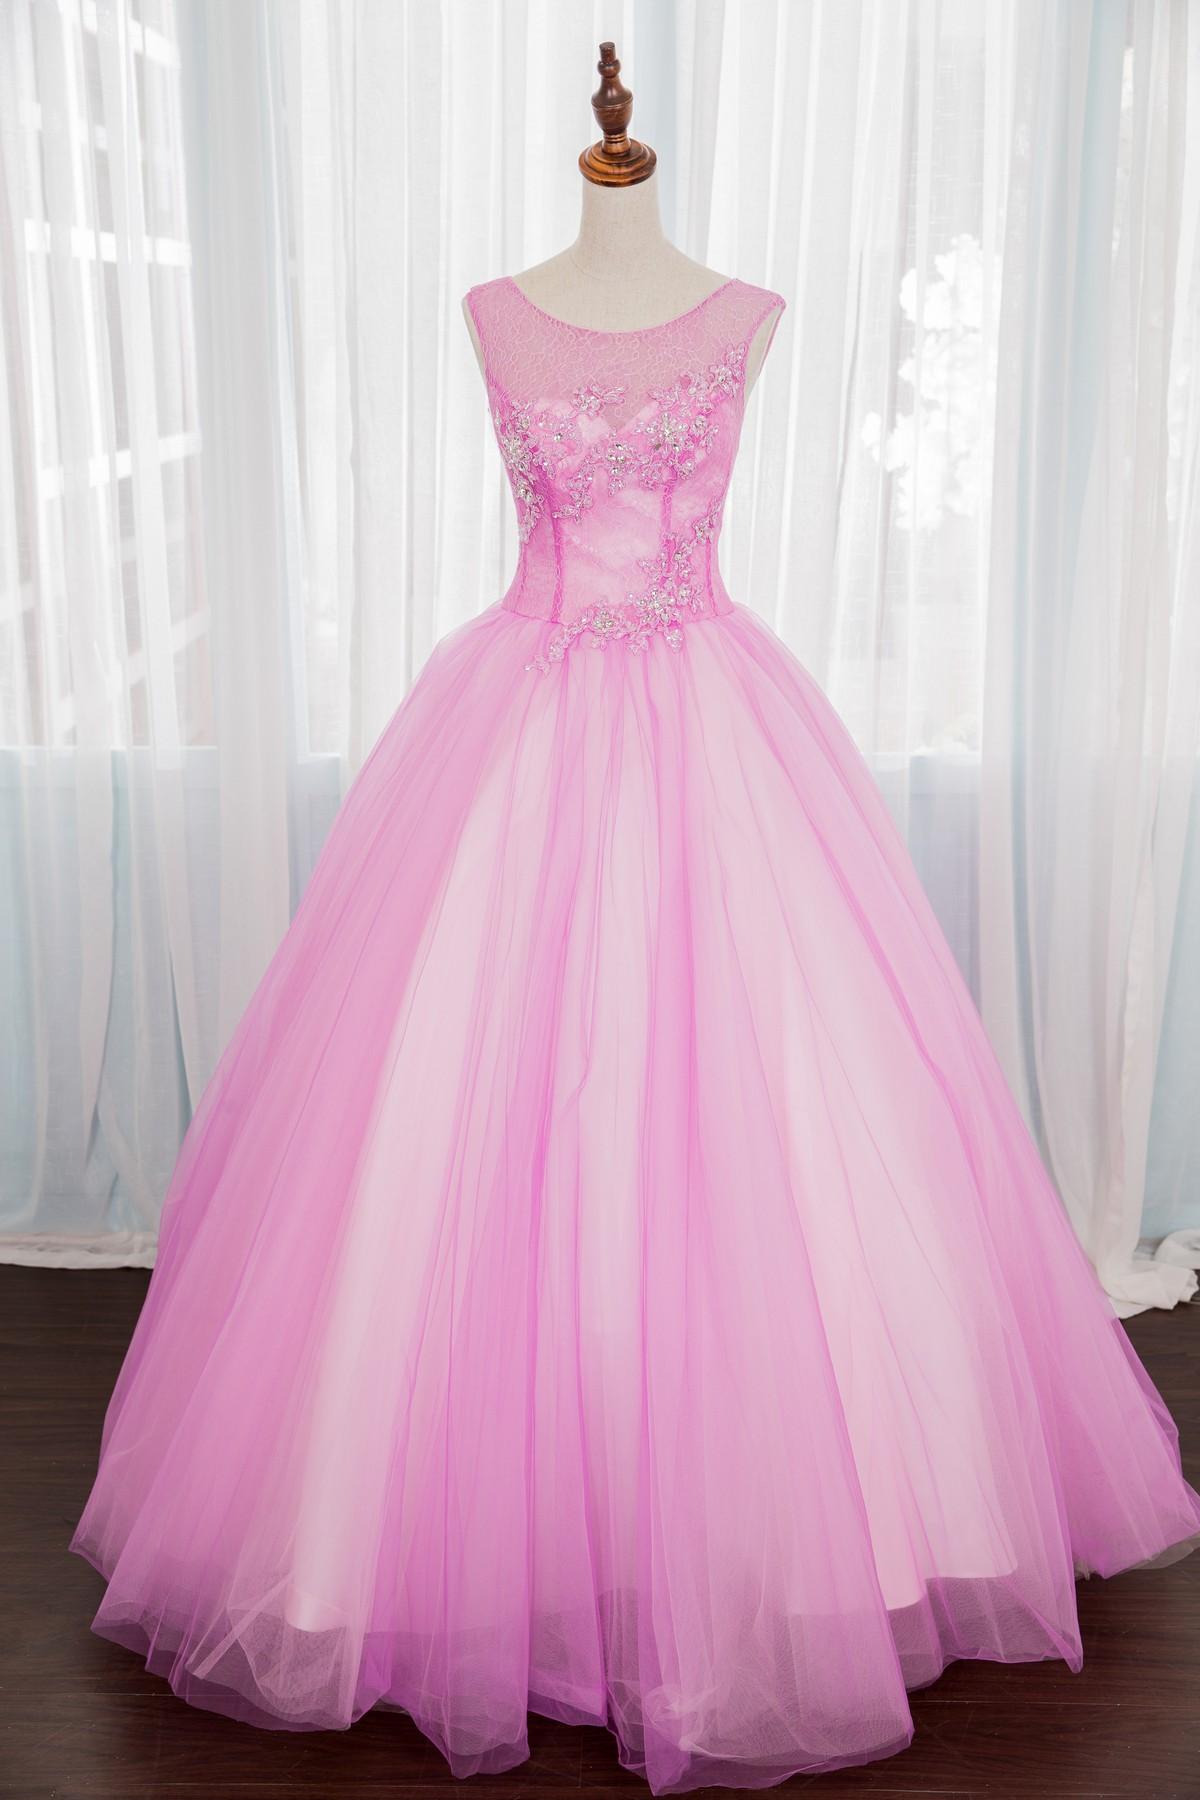 禮服出租:夢幻粉色法式宮廷晚禮服